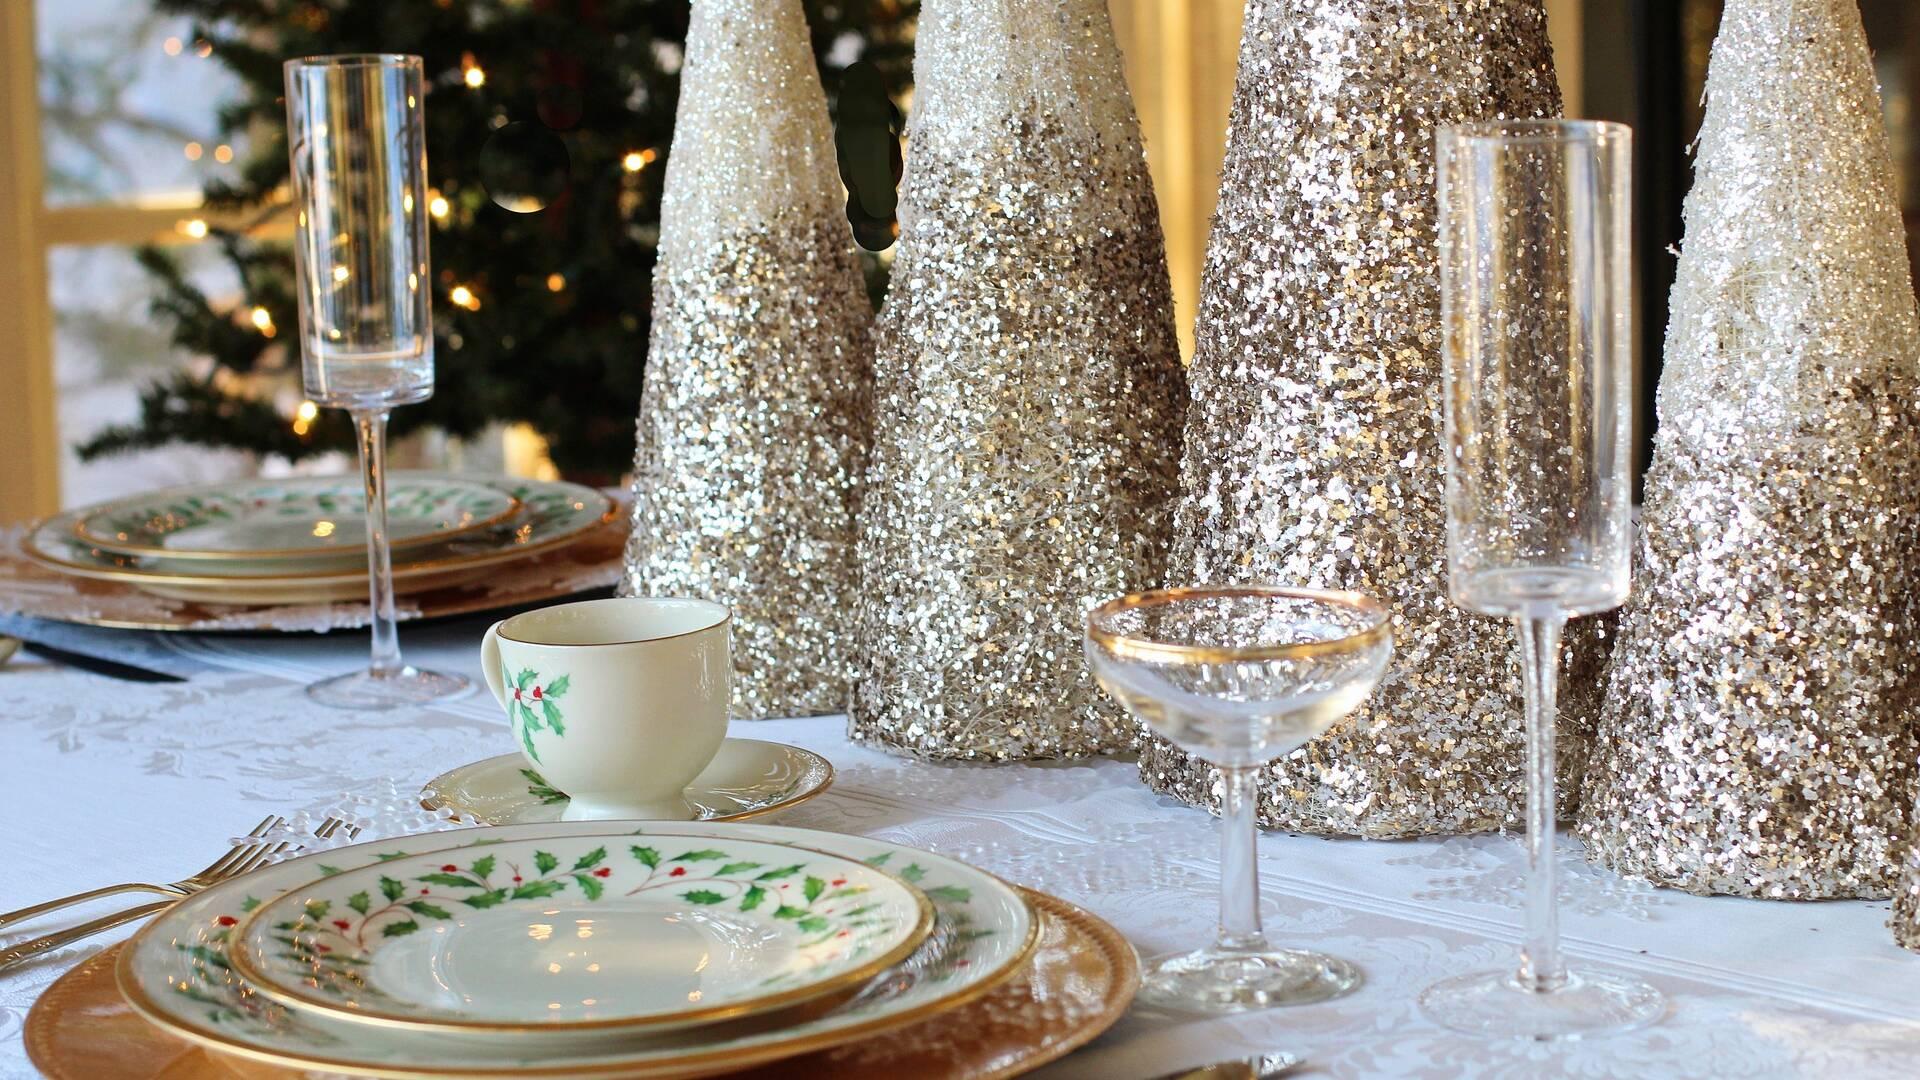 Repas de fêtes pour les réveillons - Casino de Fouras-les-Bains